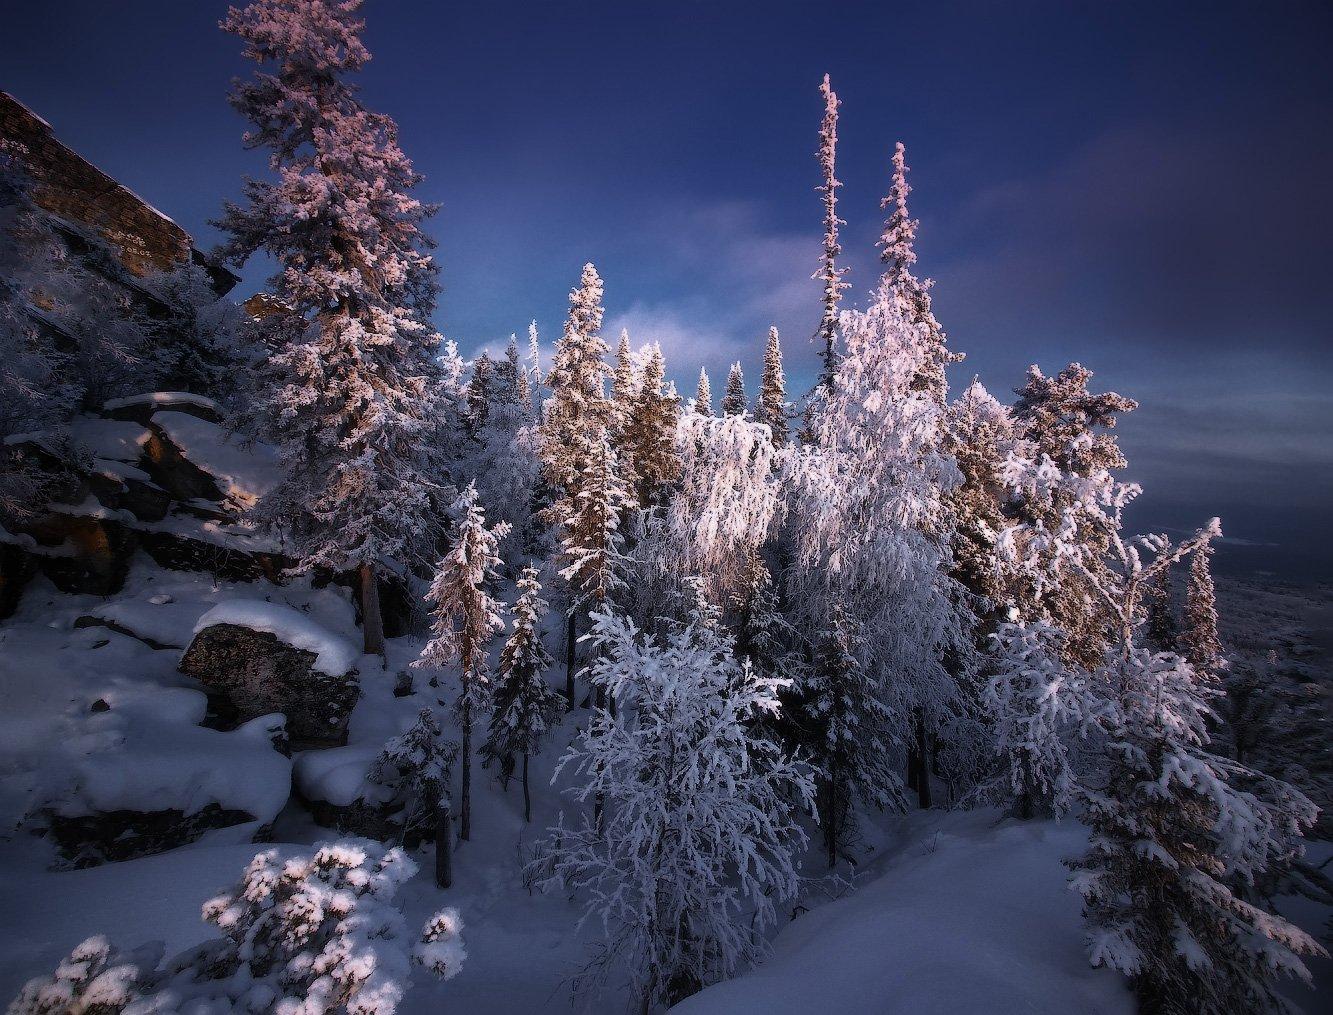 урал, горы, малиновая, белорецк, зима, уральскиегоры, Владимир Ляпин